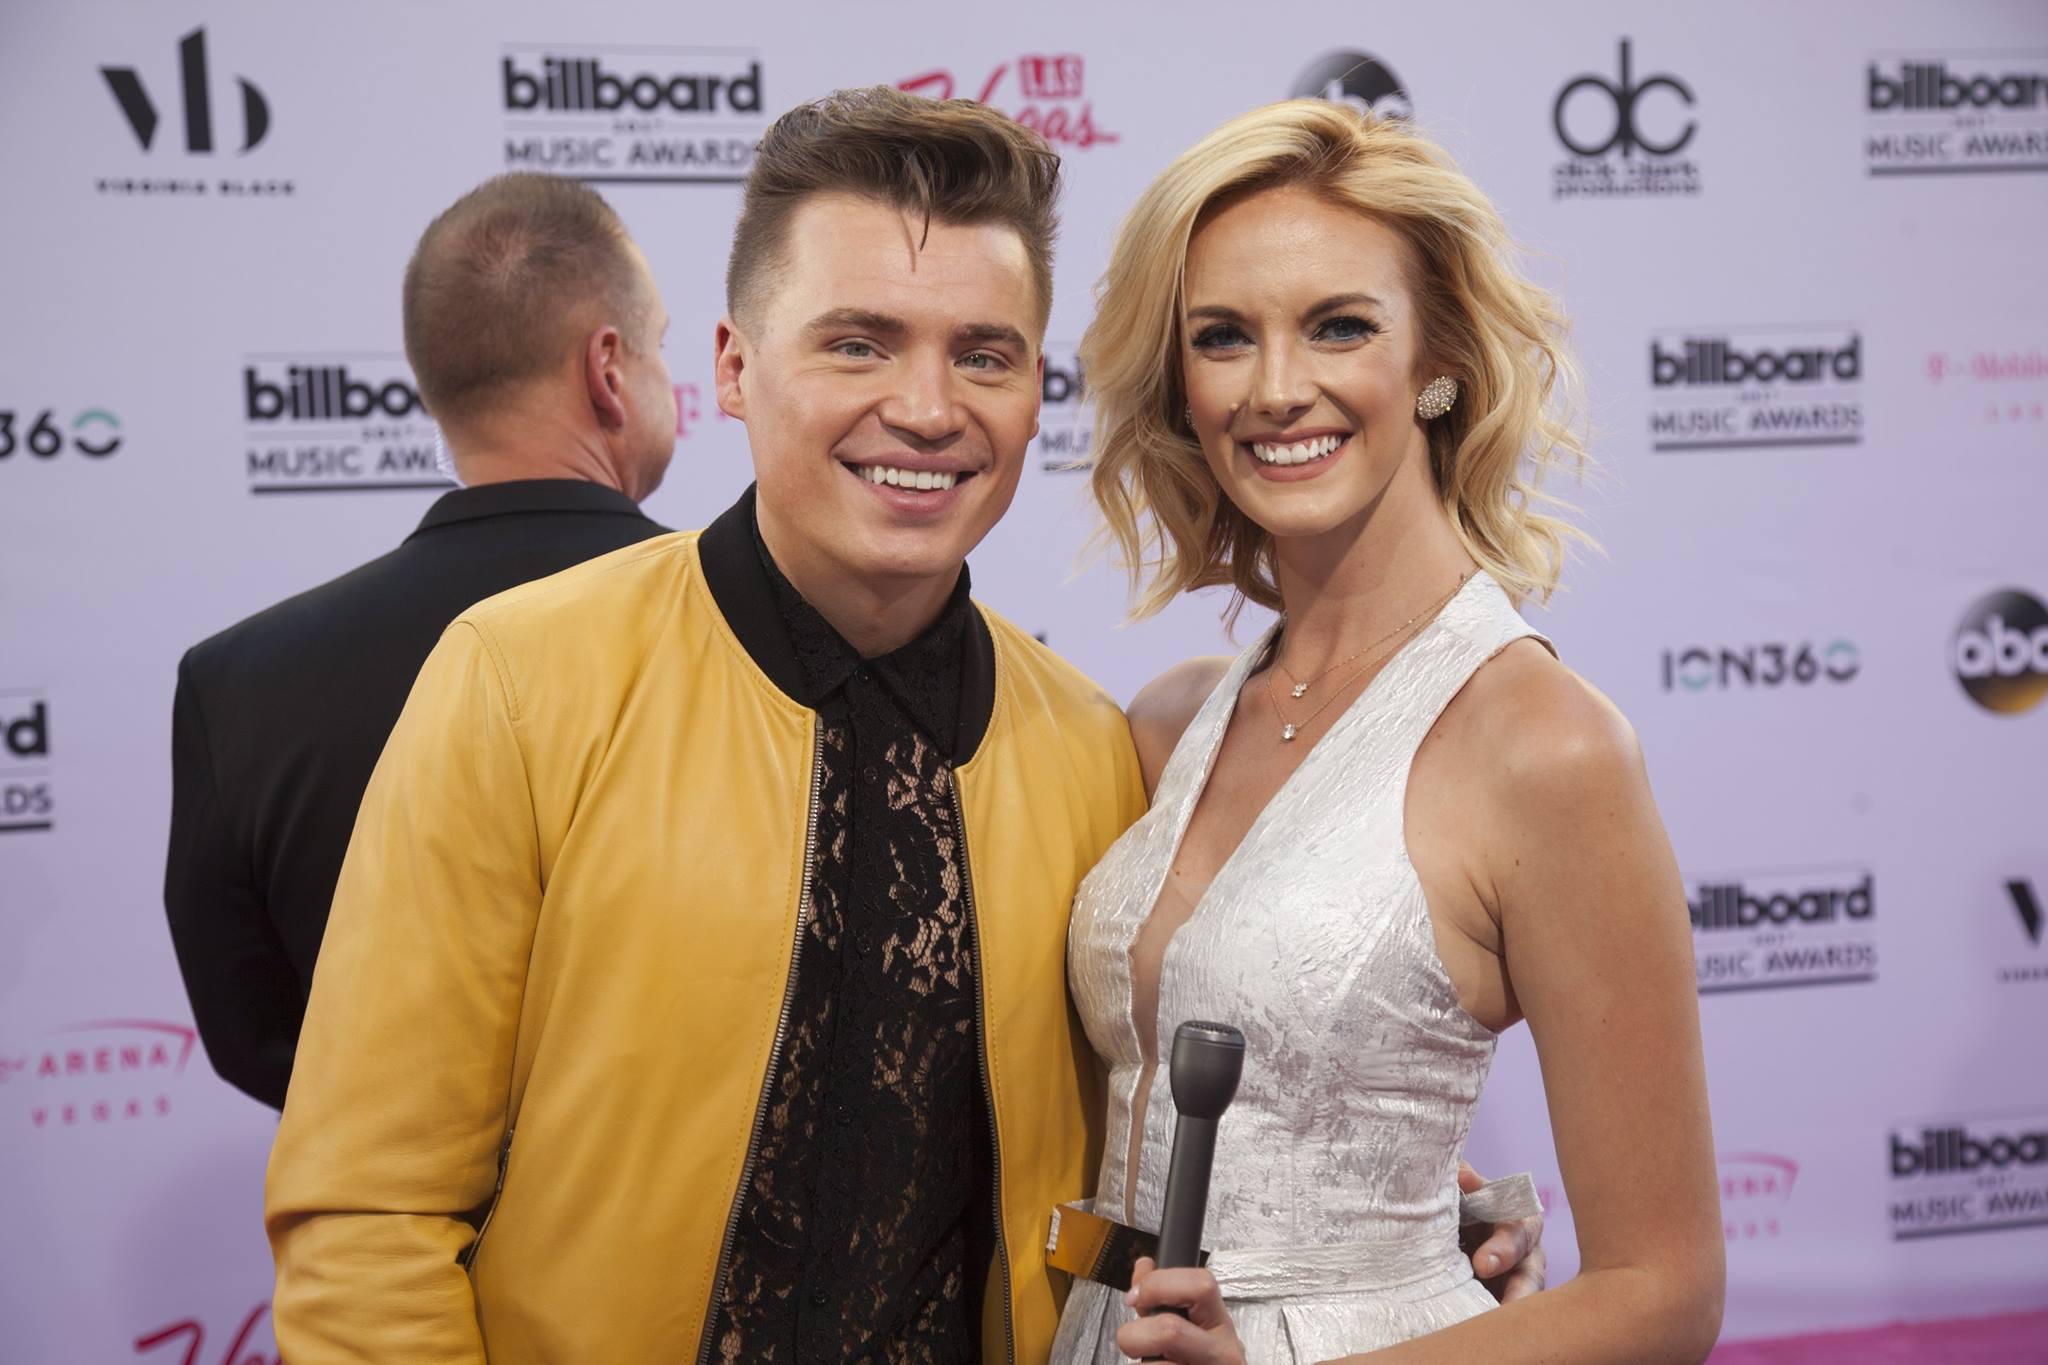 DLXVRSN-Media-Billboard-Music-Awards2